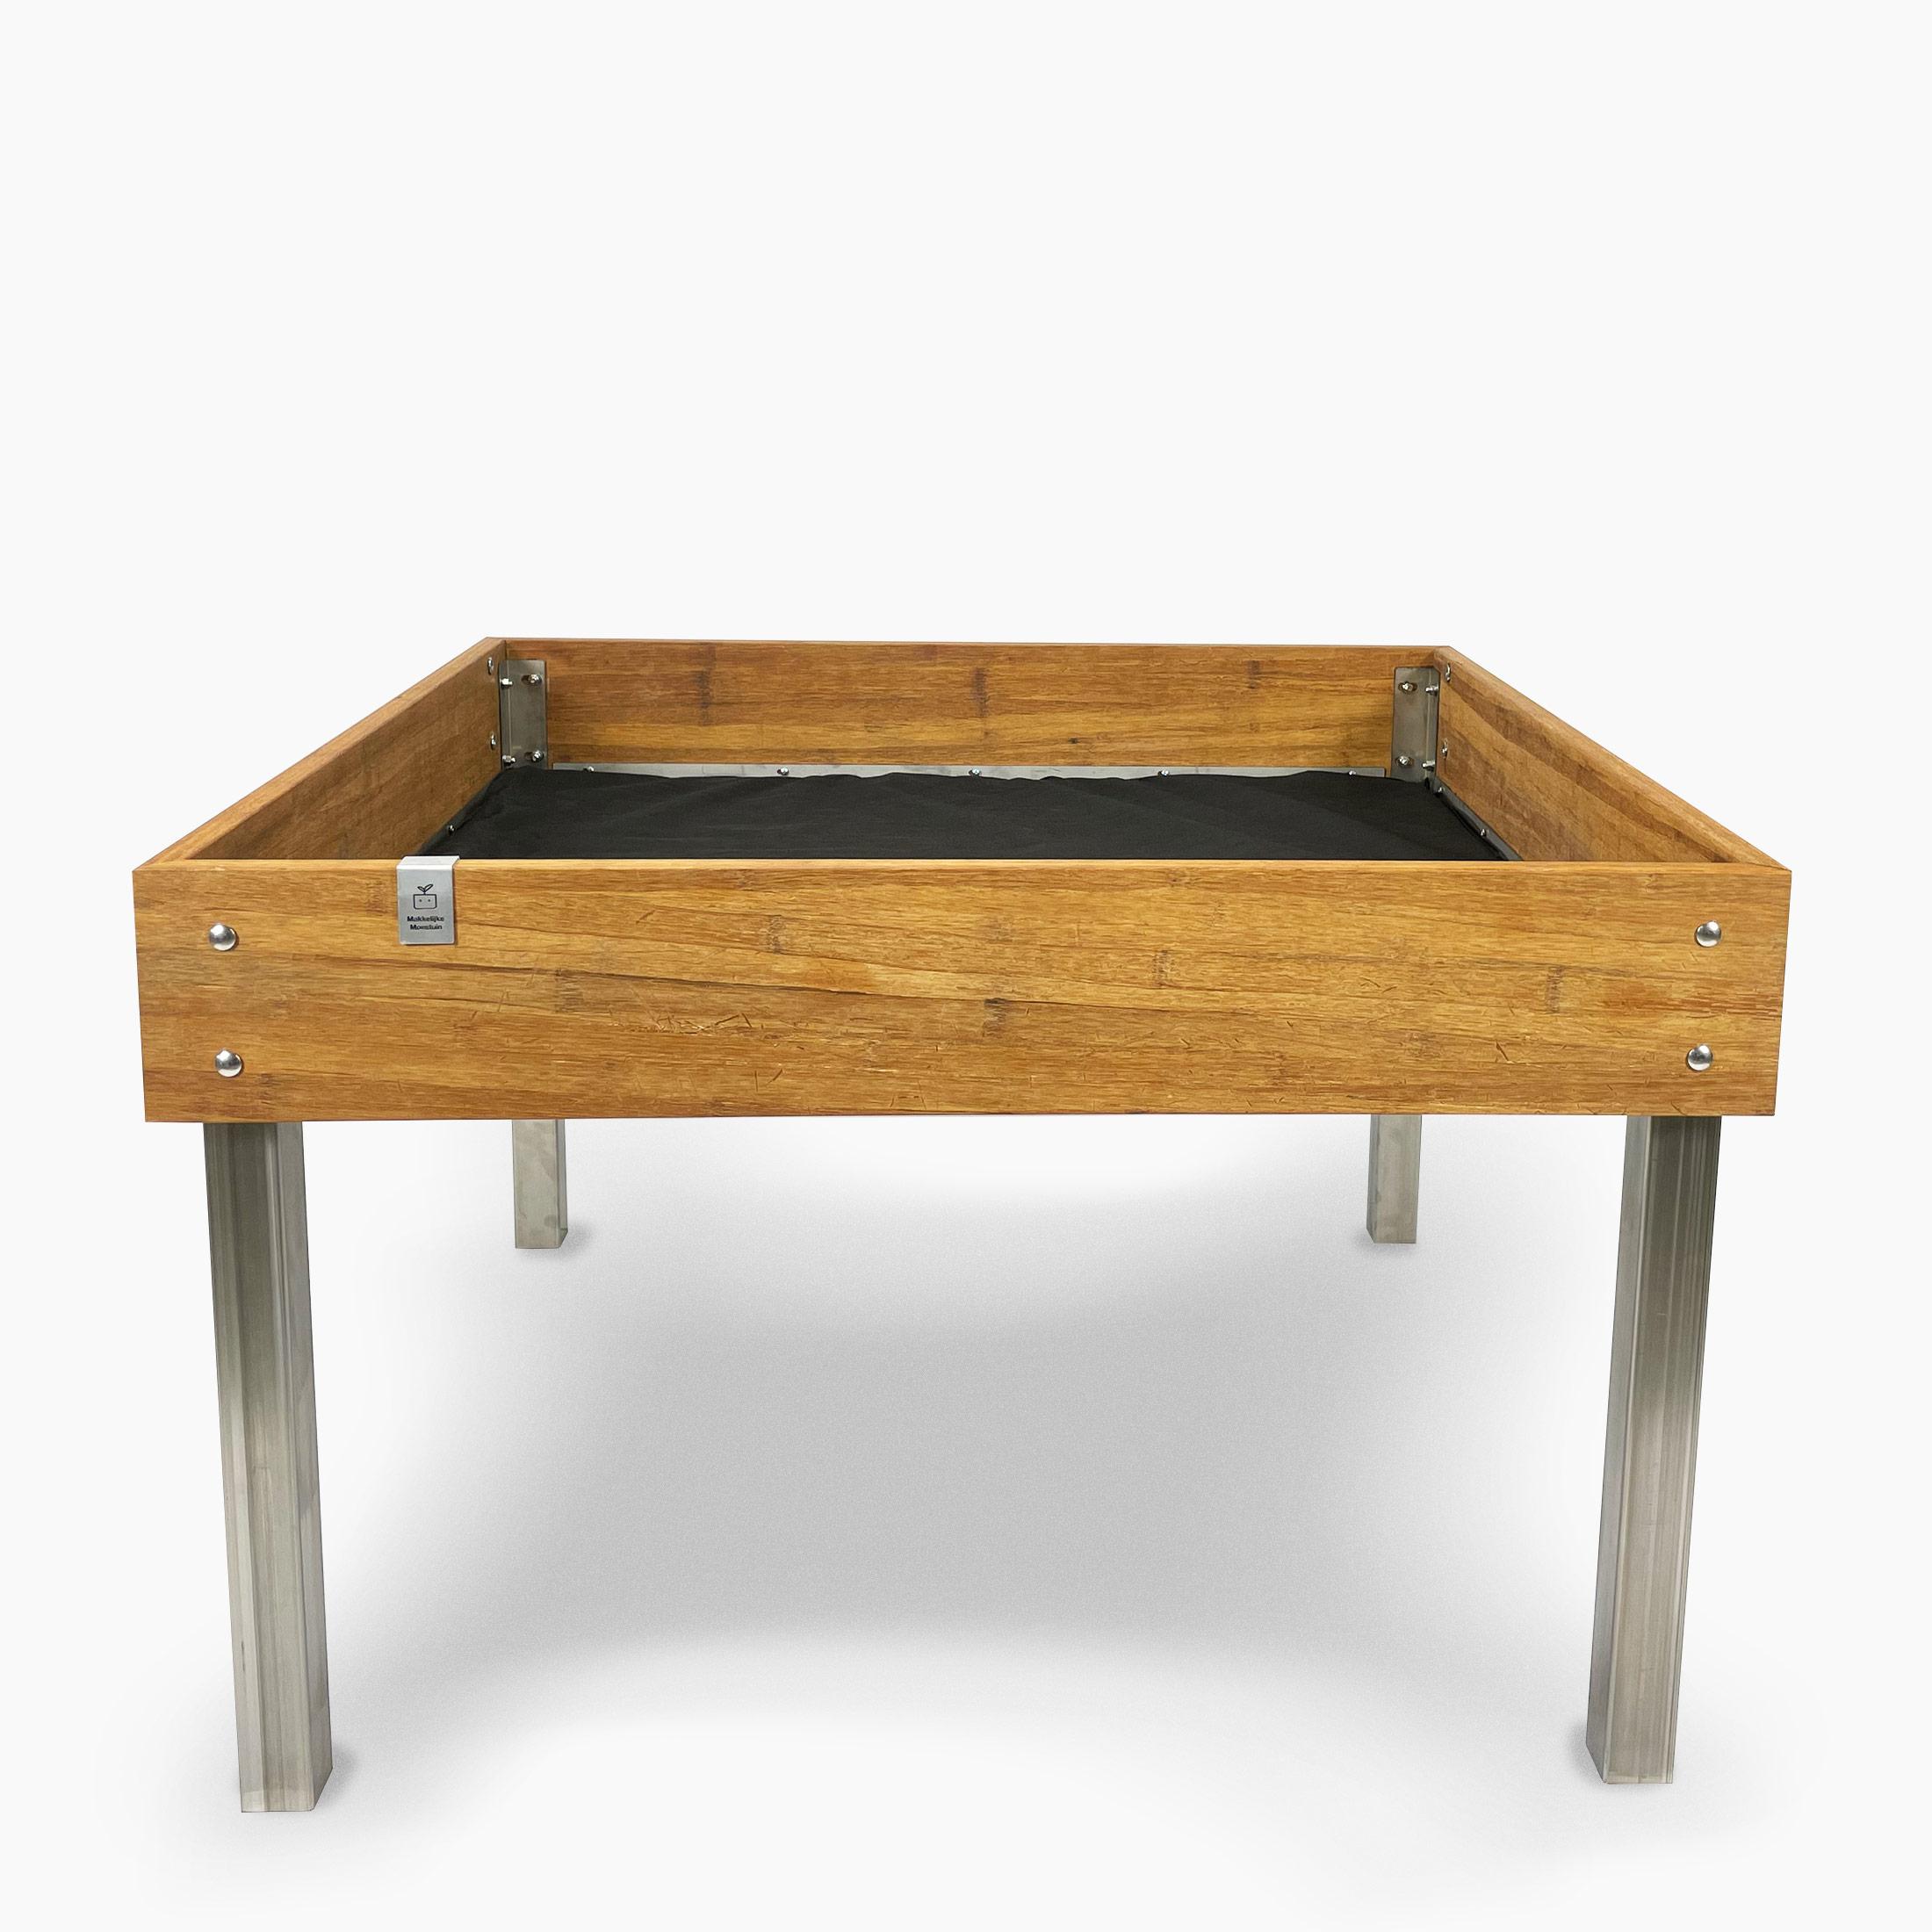 bamboo-garden-table-120x120_1.jpg